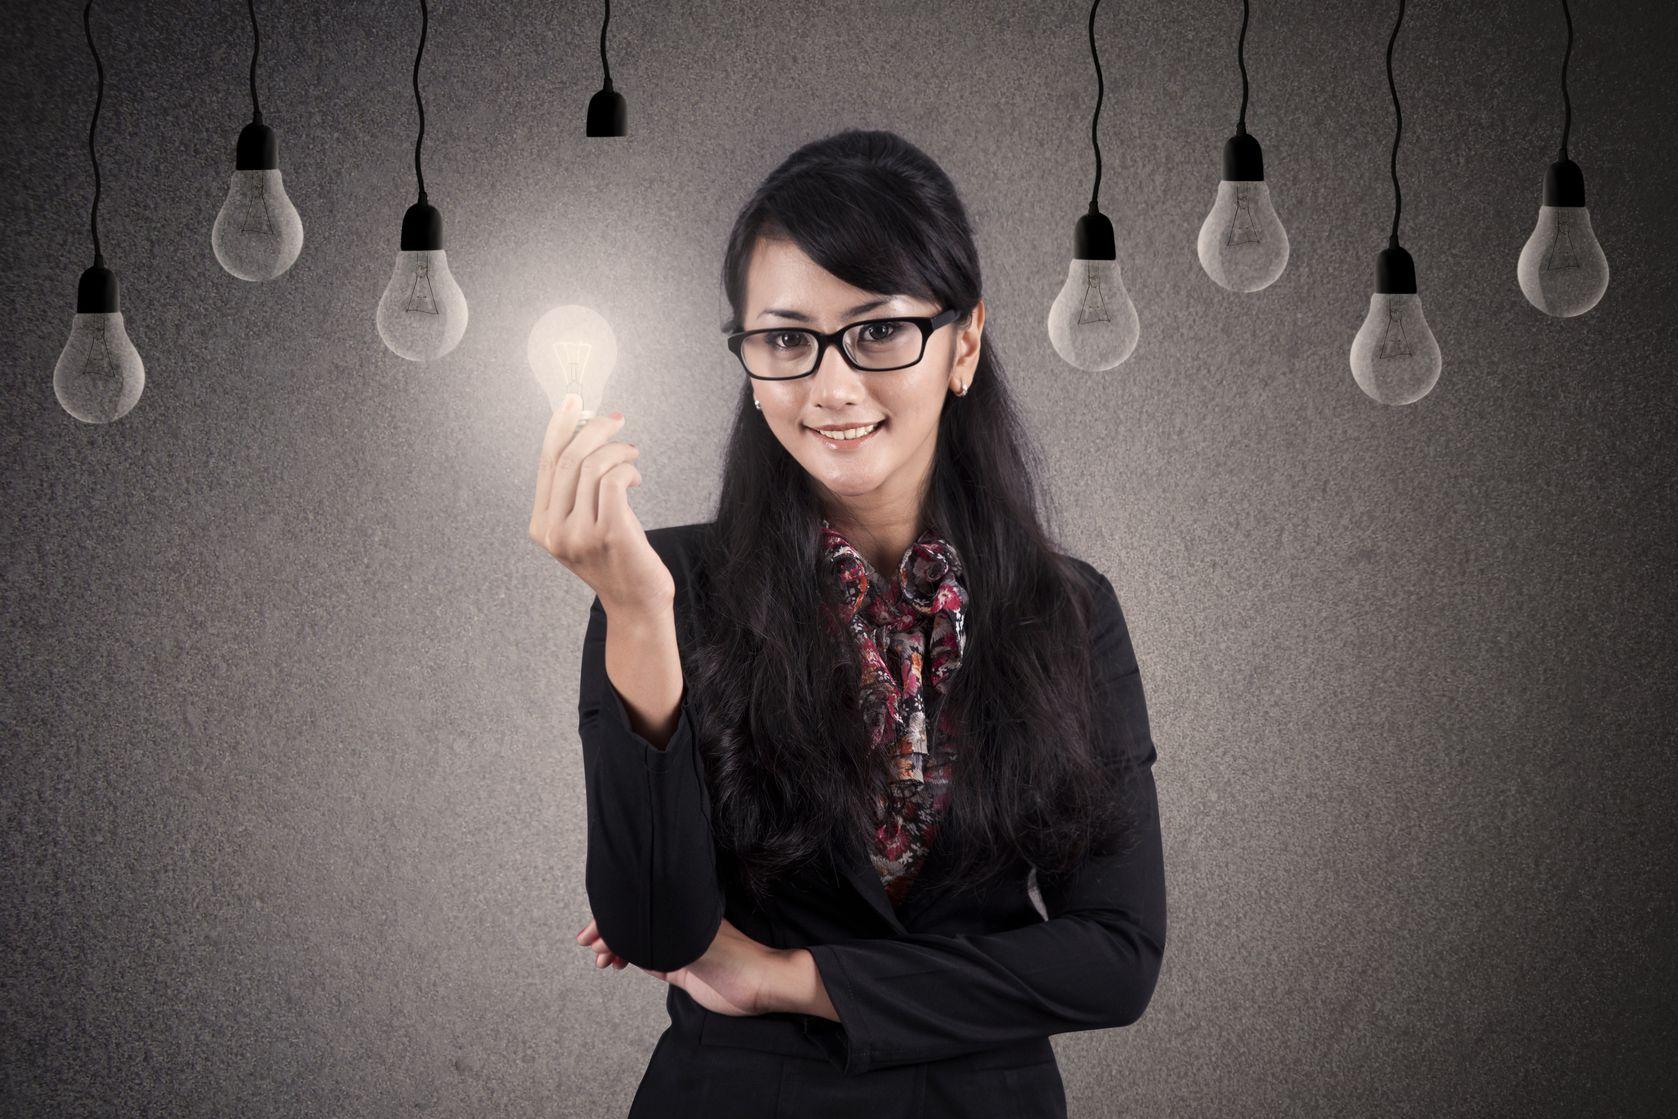 Что такое интуиция? 7 эффективных спобосов развить интуицию